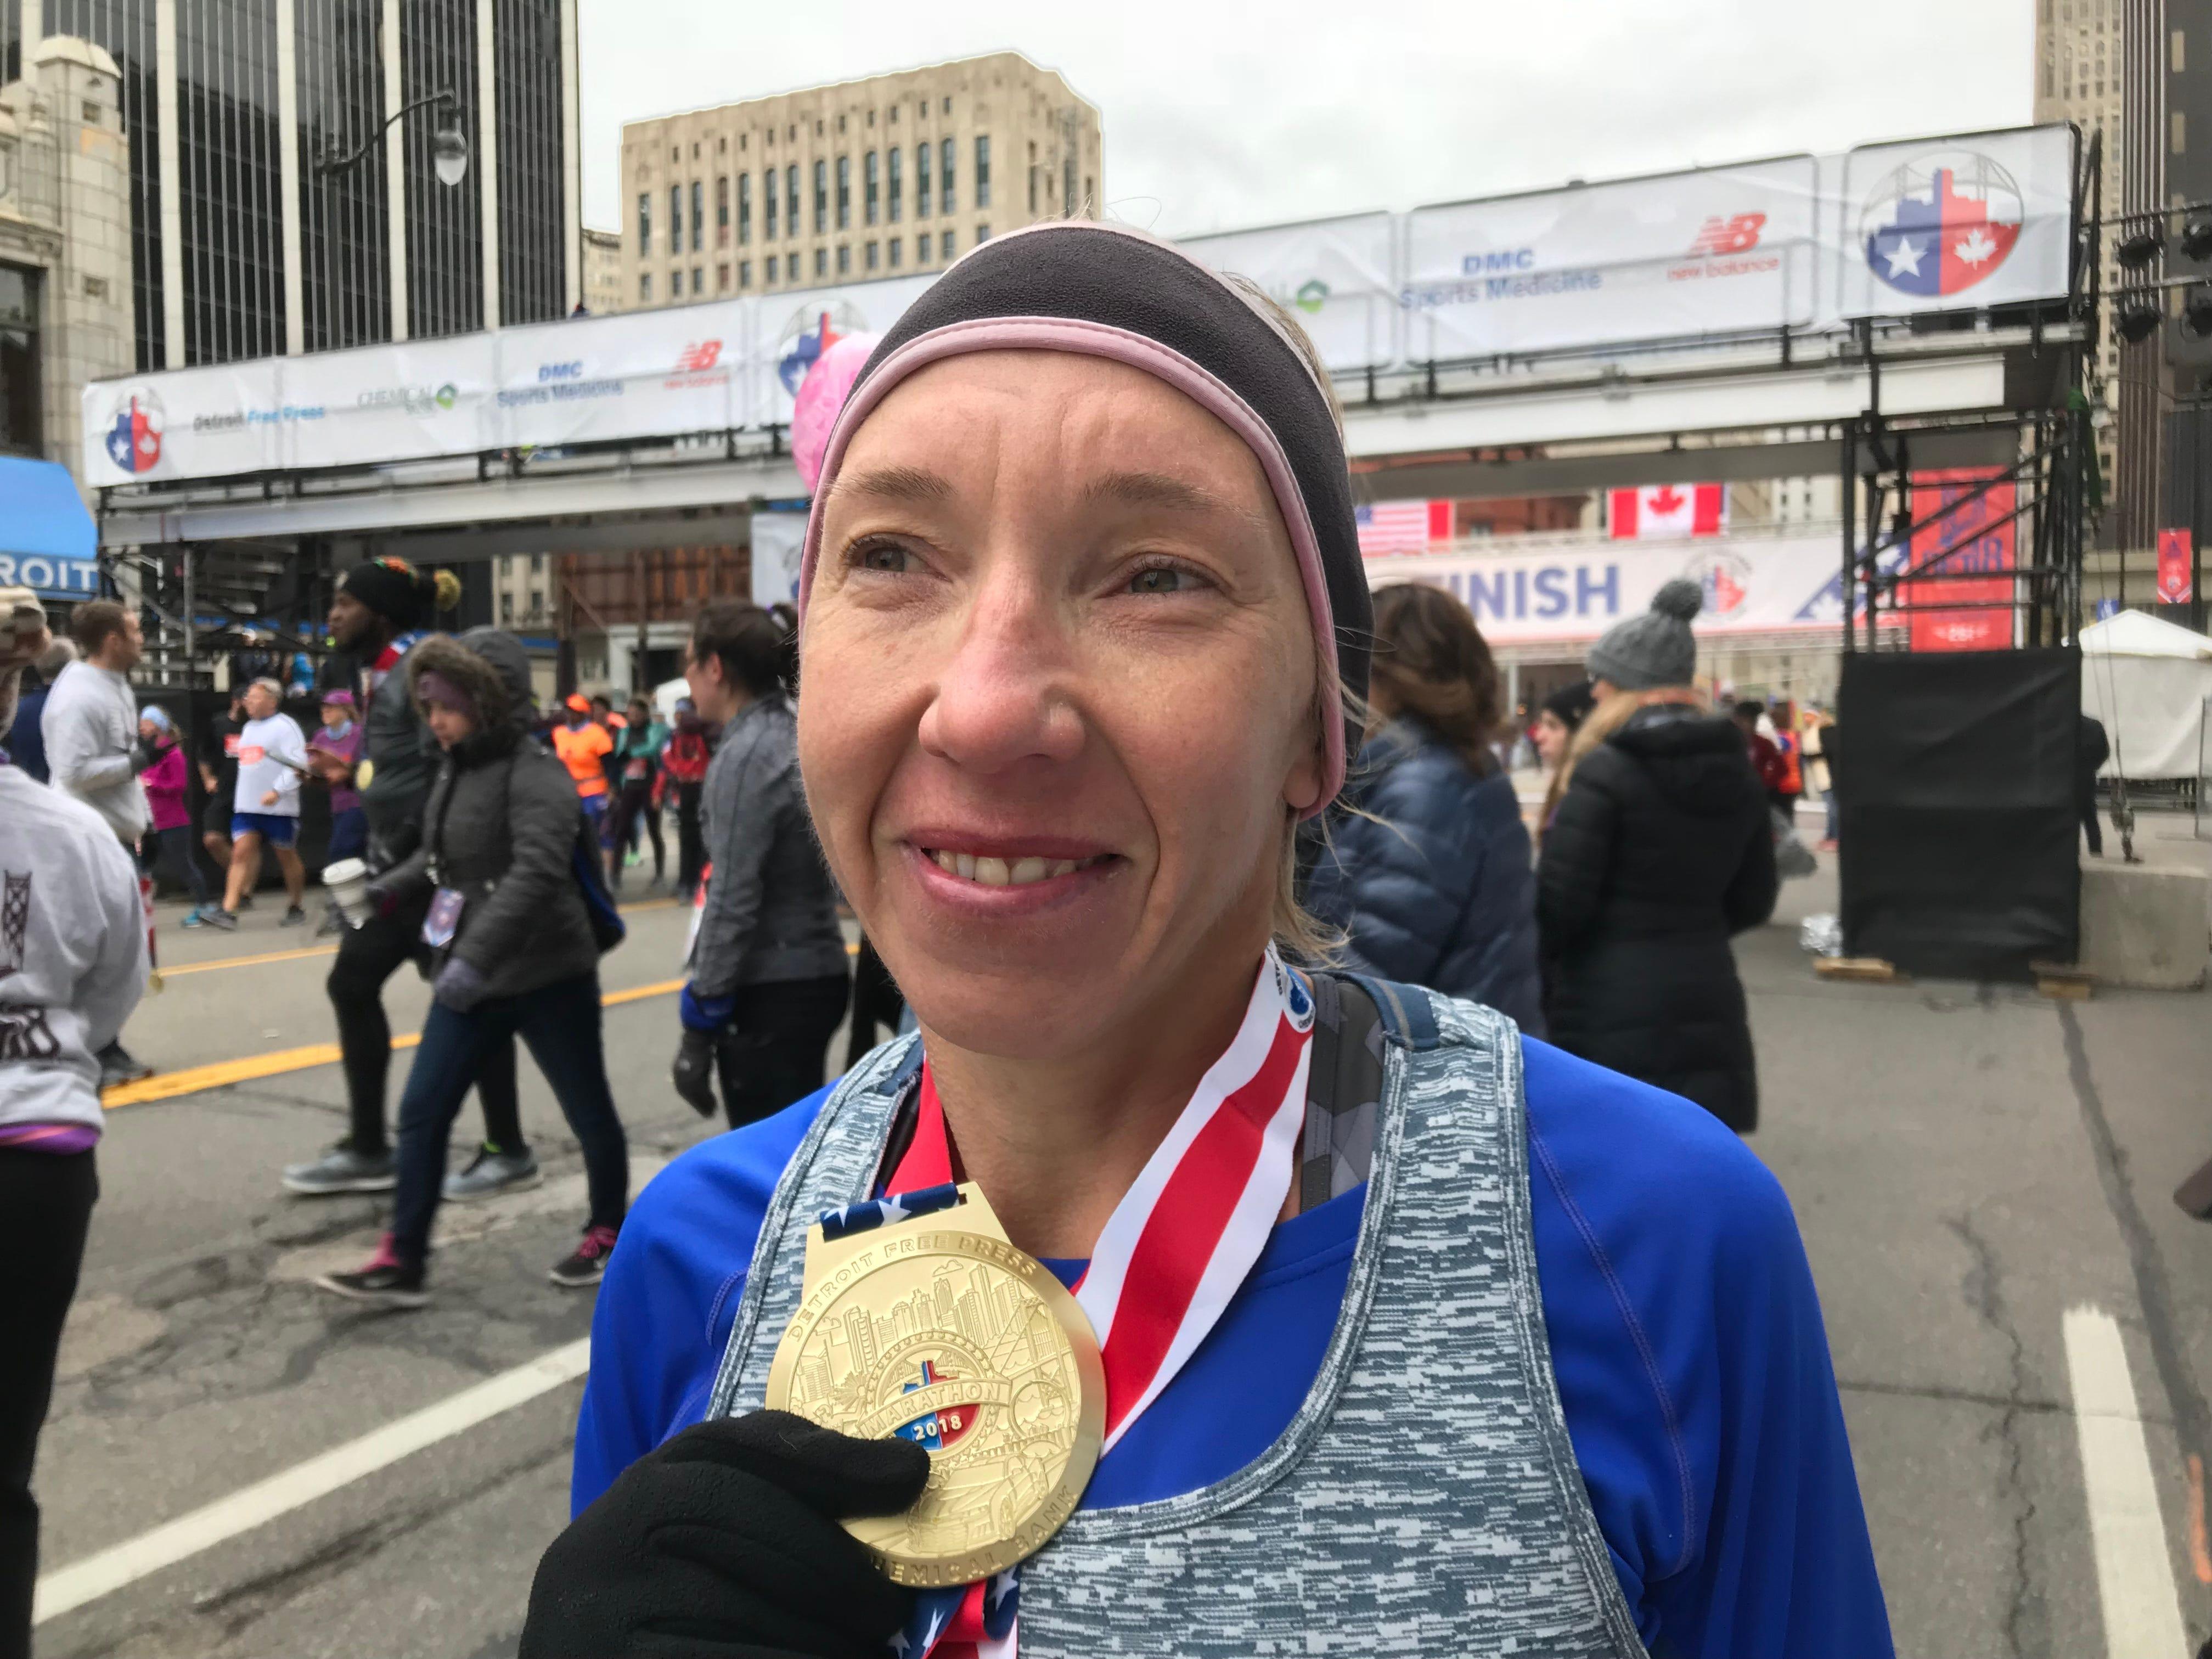 Detroit marathon: Lioudmila Kortchaguina wins women's full again